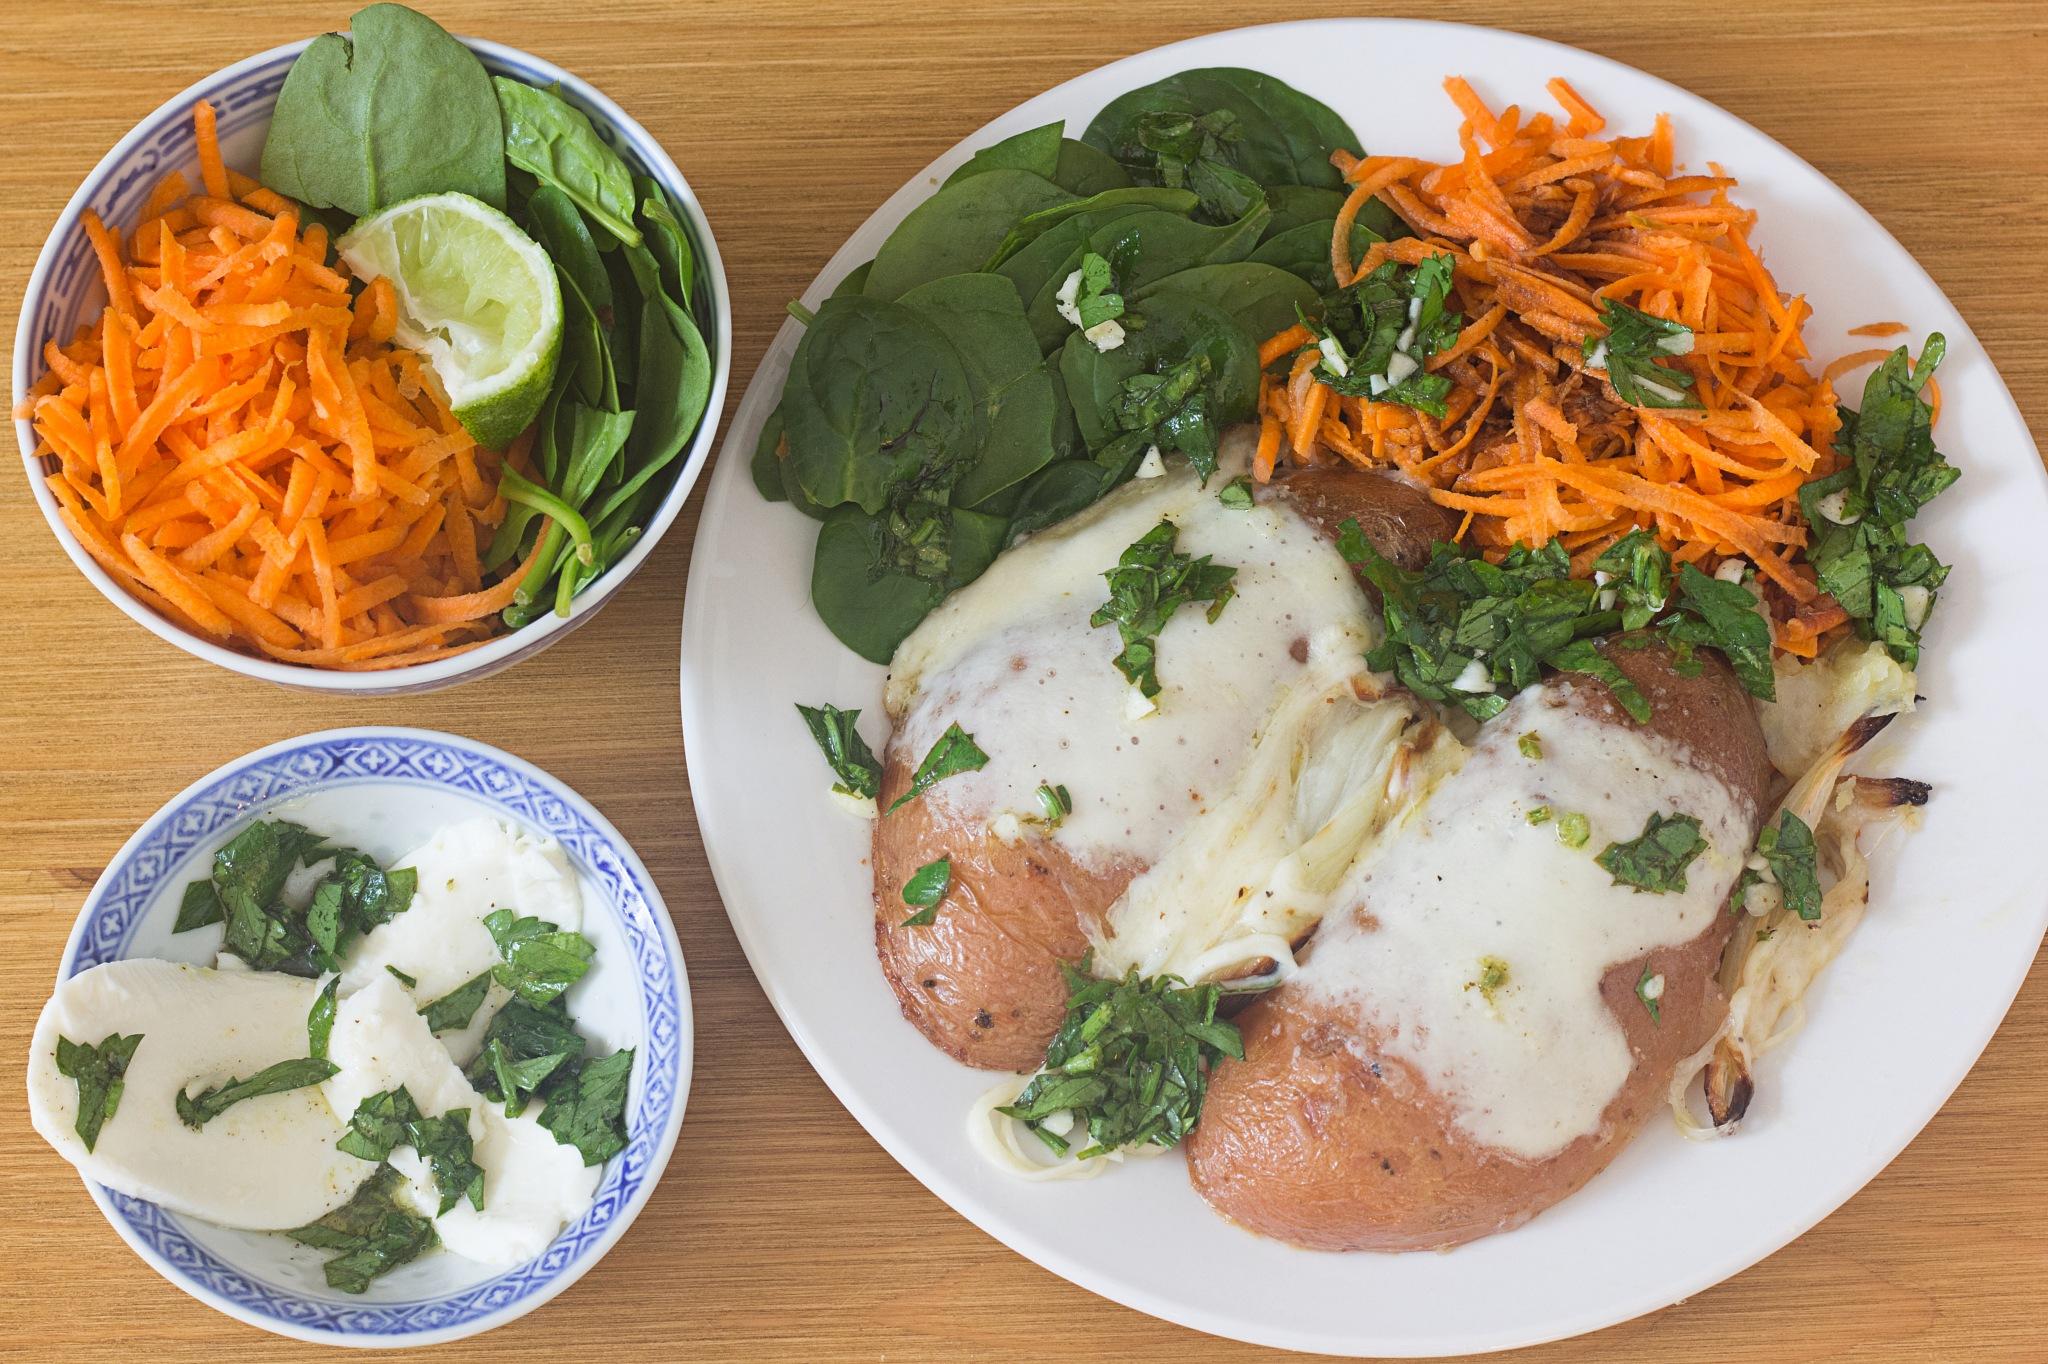 Pommes de terre hasselback à la mozzarella, gremolata et salade de carottes by Franck Rouanet